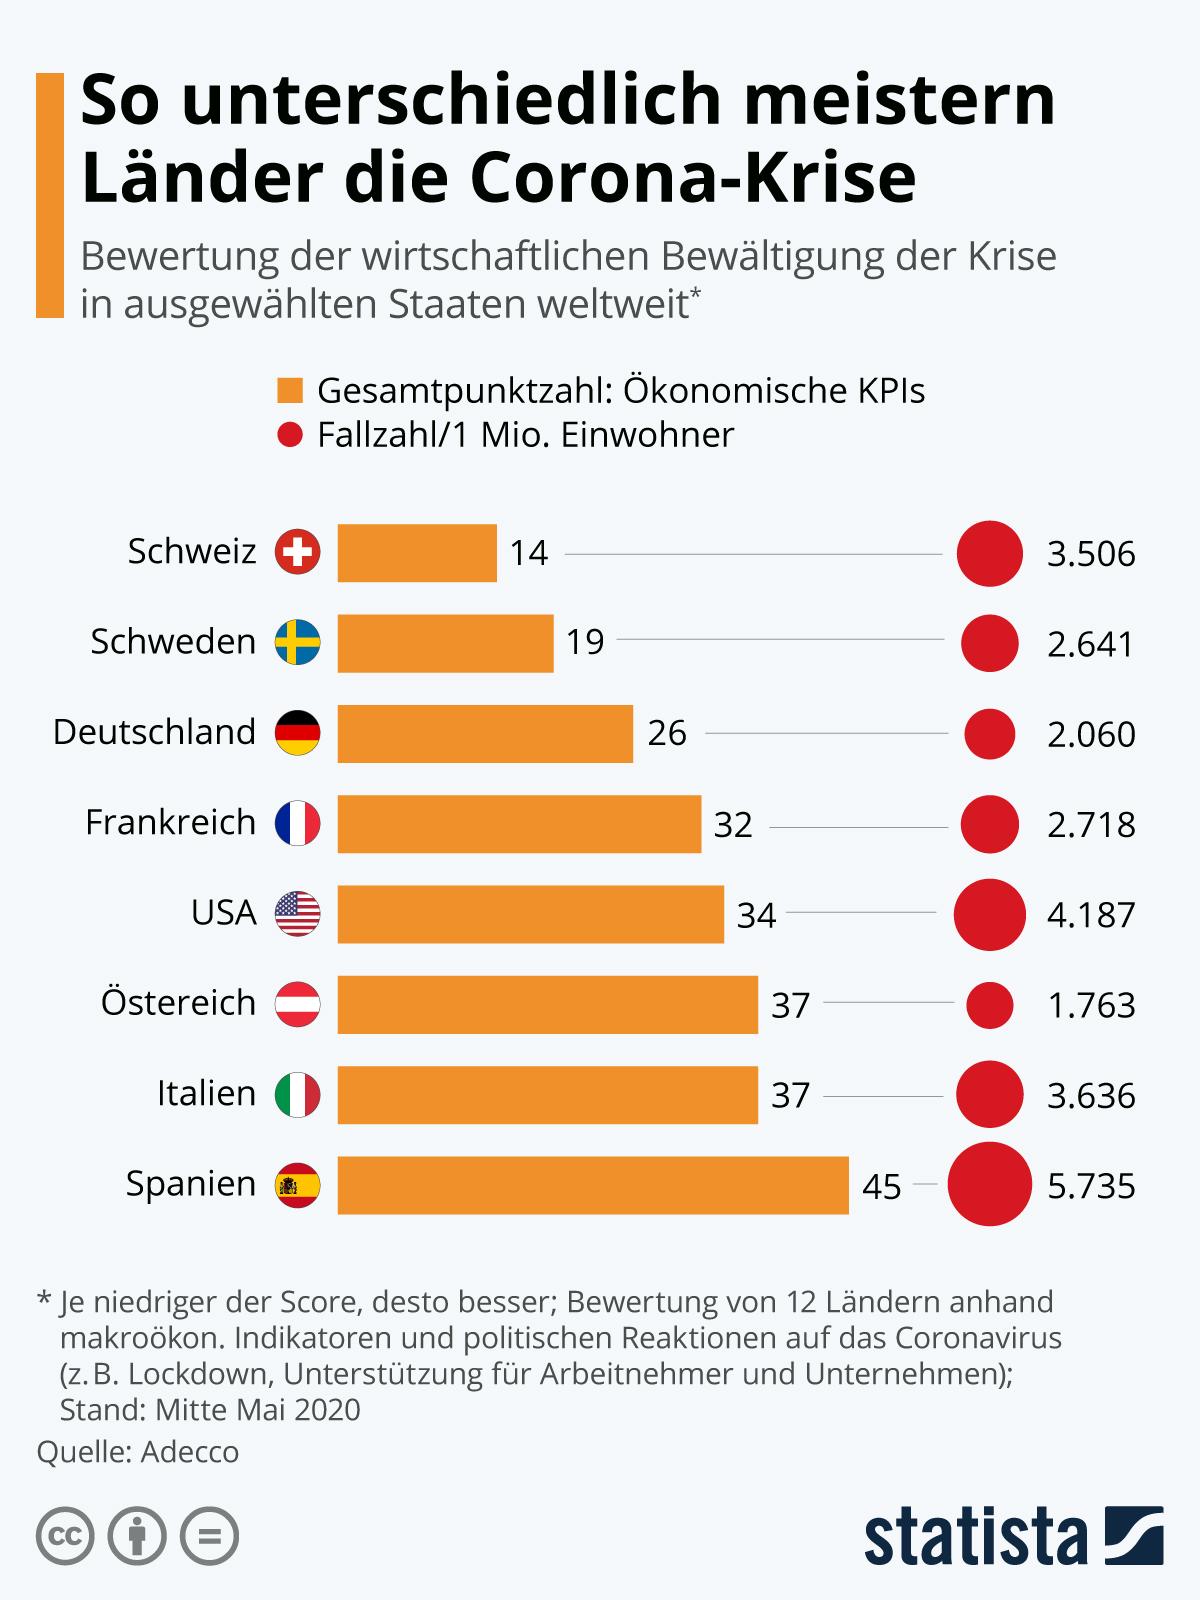 So unterschiedlich meistern Länder die Corona-Krise | Statista